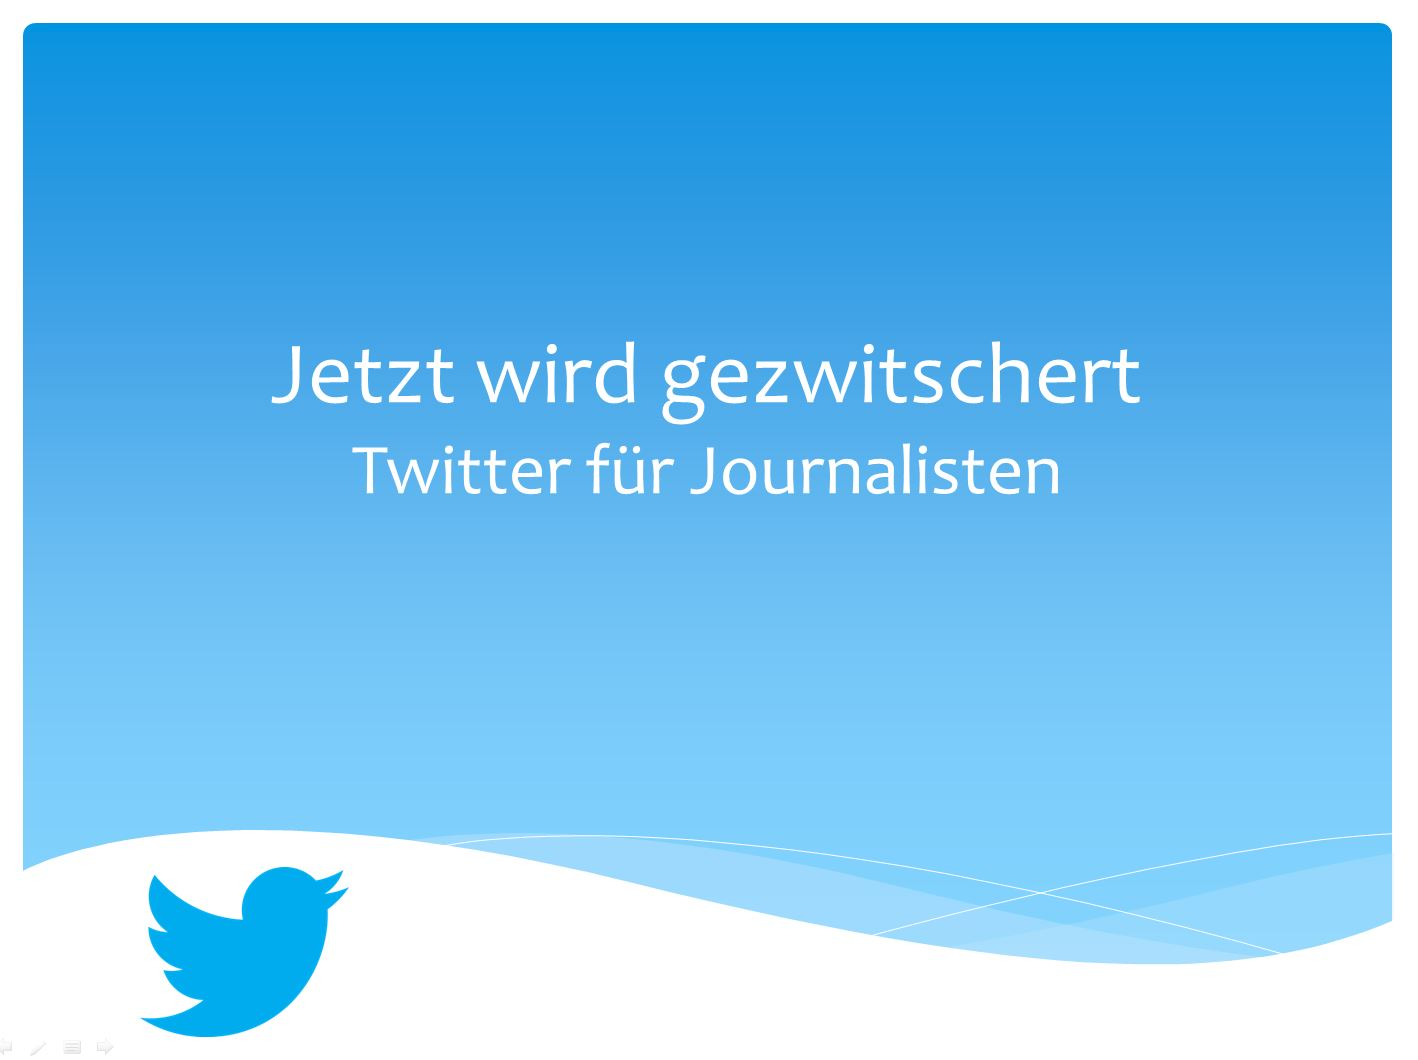 Jetzt wird gezwitschert – das Twitter-Seminar für Journalisten